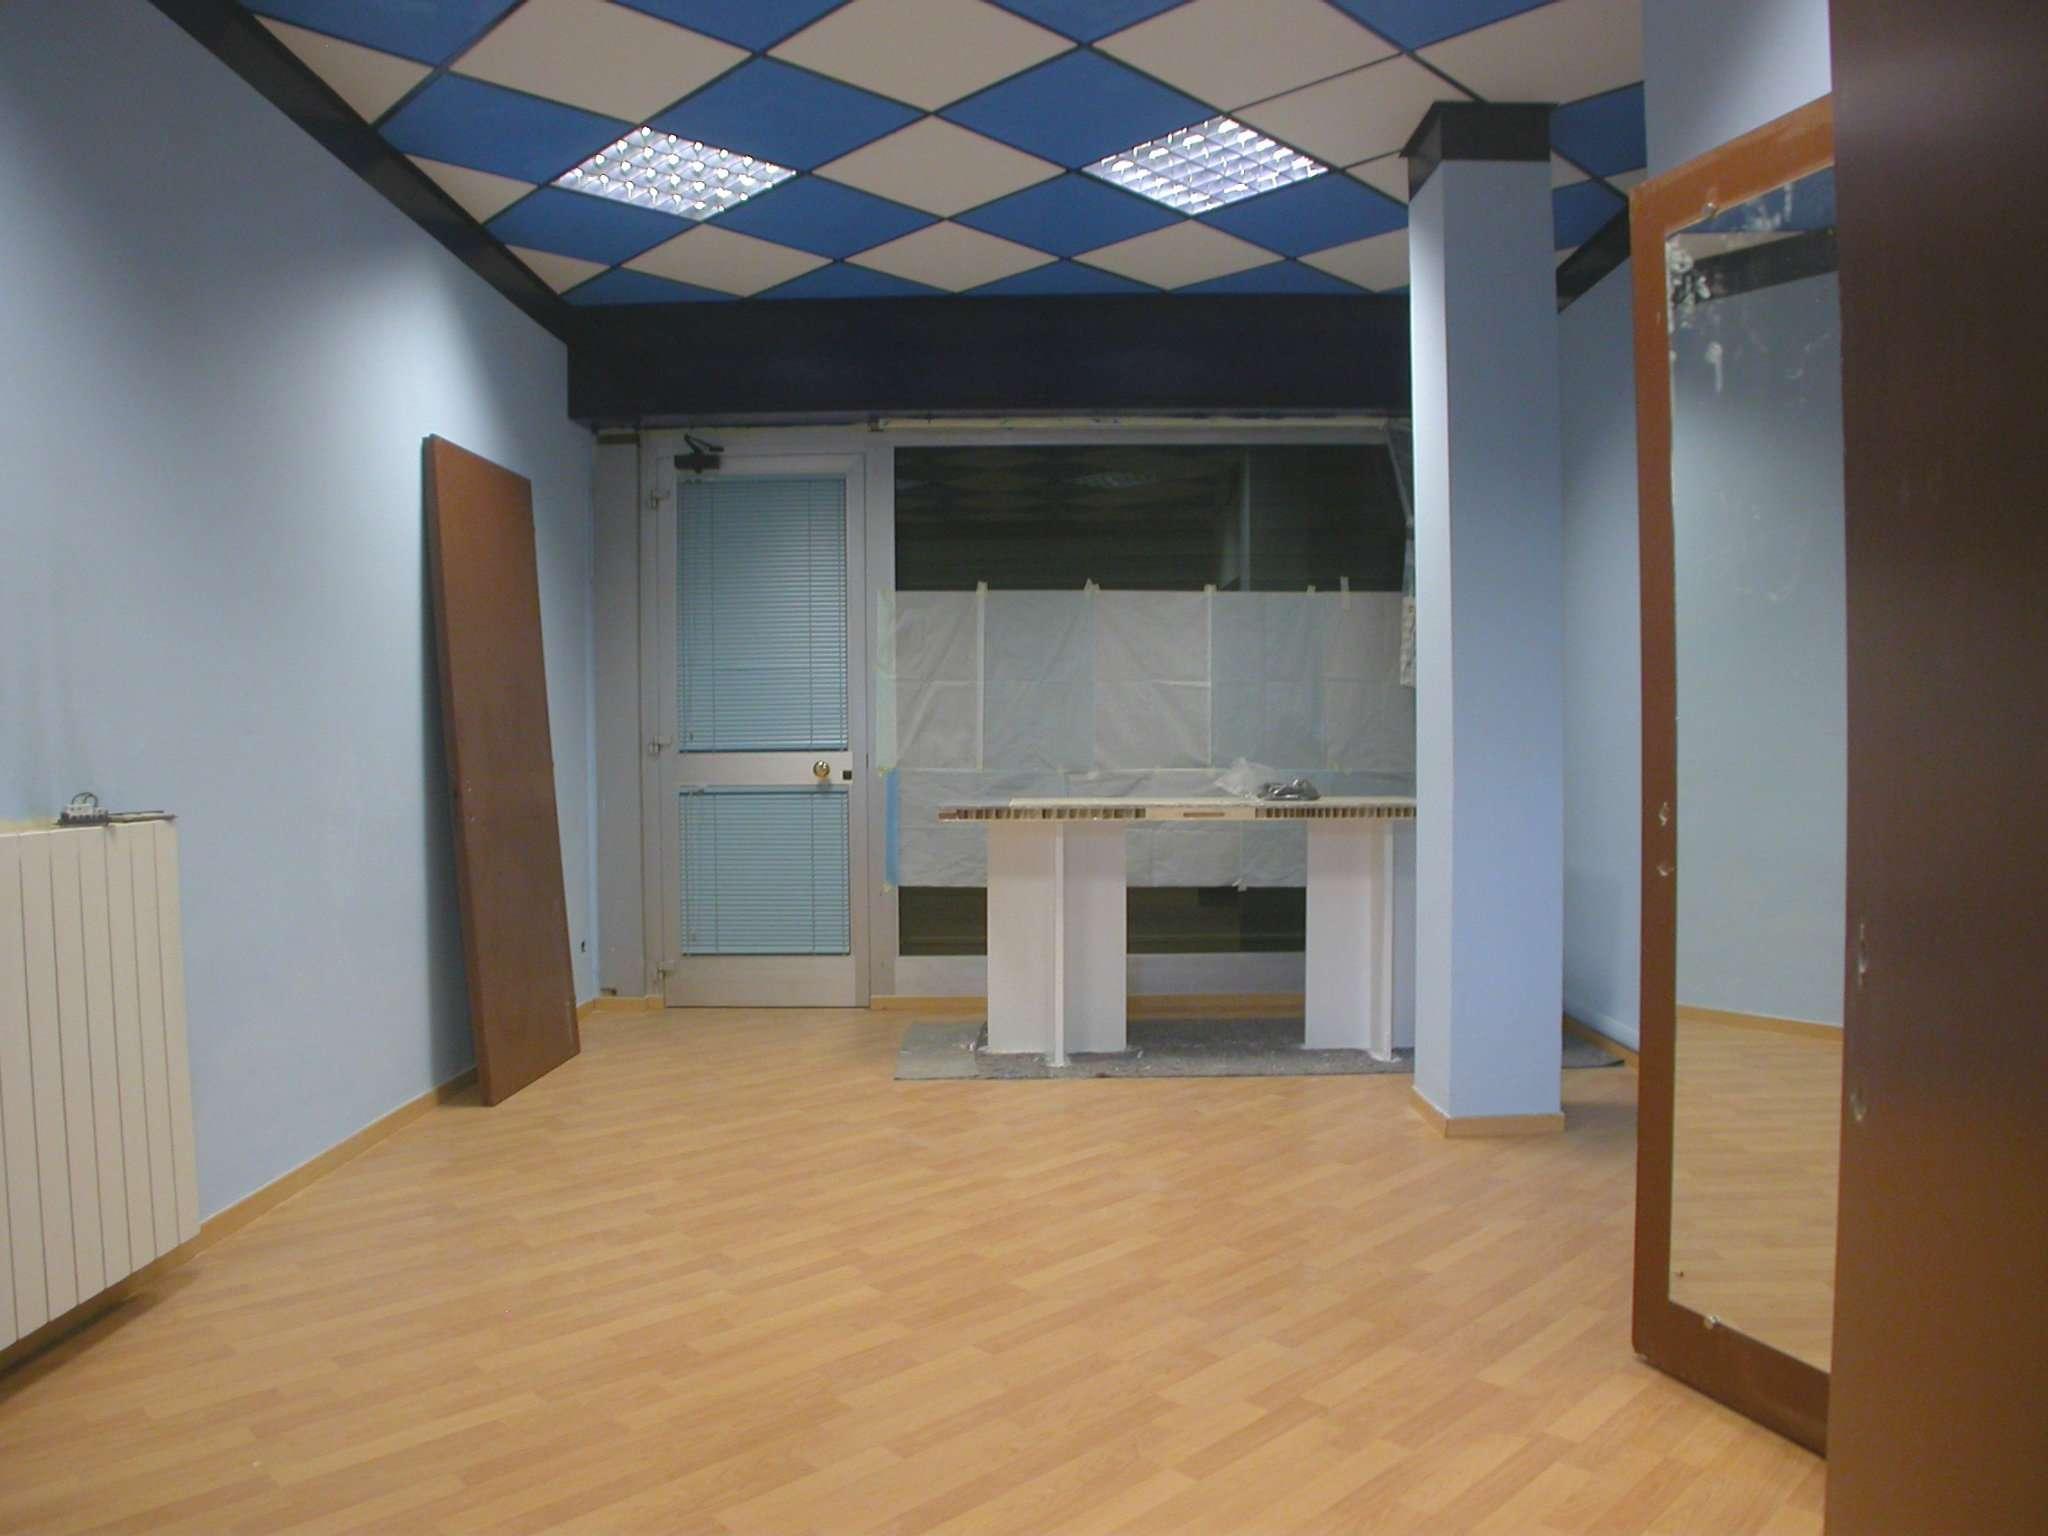 Negozio / Locale in affitto a Tradate, 2 locali, prezzo € 500 | CambioCasa.it